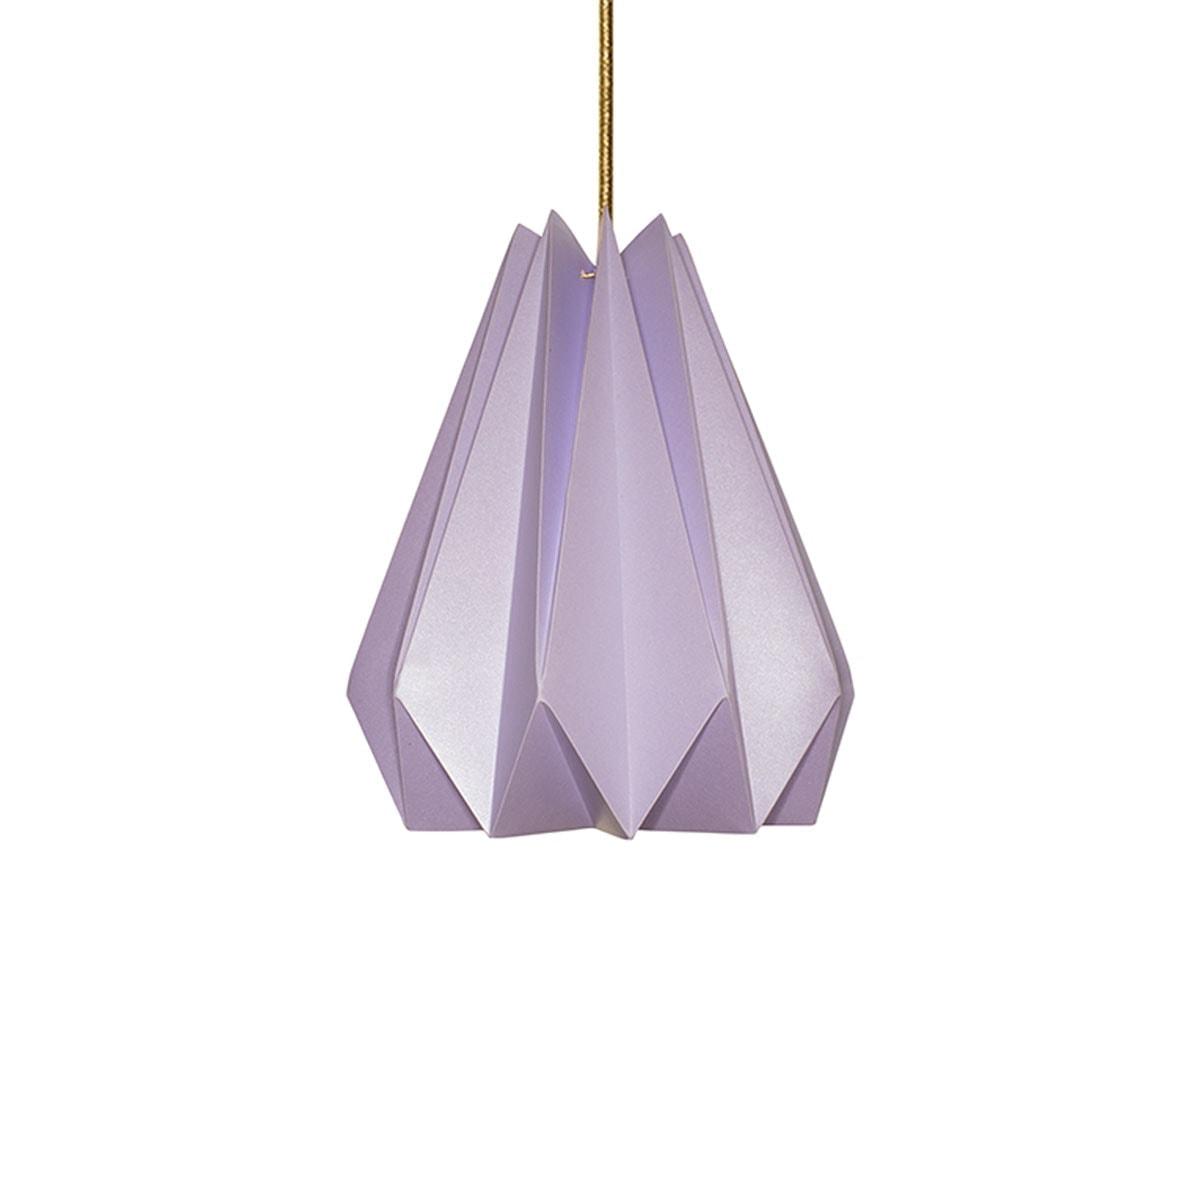 luminária pendente de papel Iluminoo - modelo Pinho (30) - Lilac